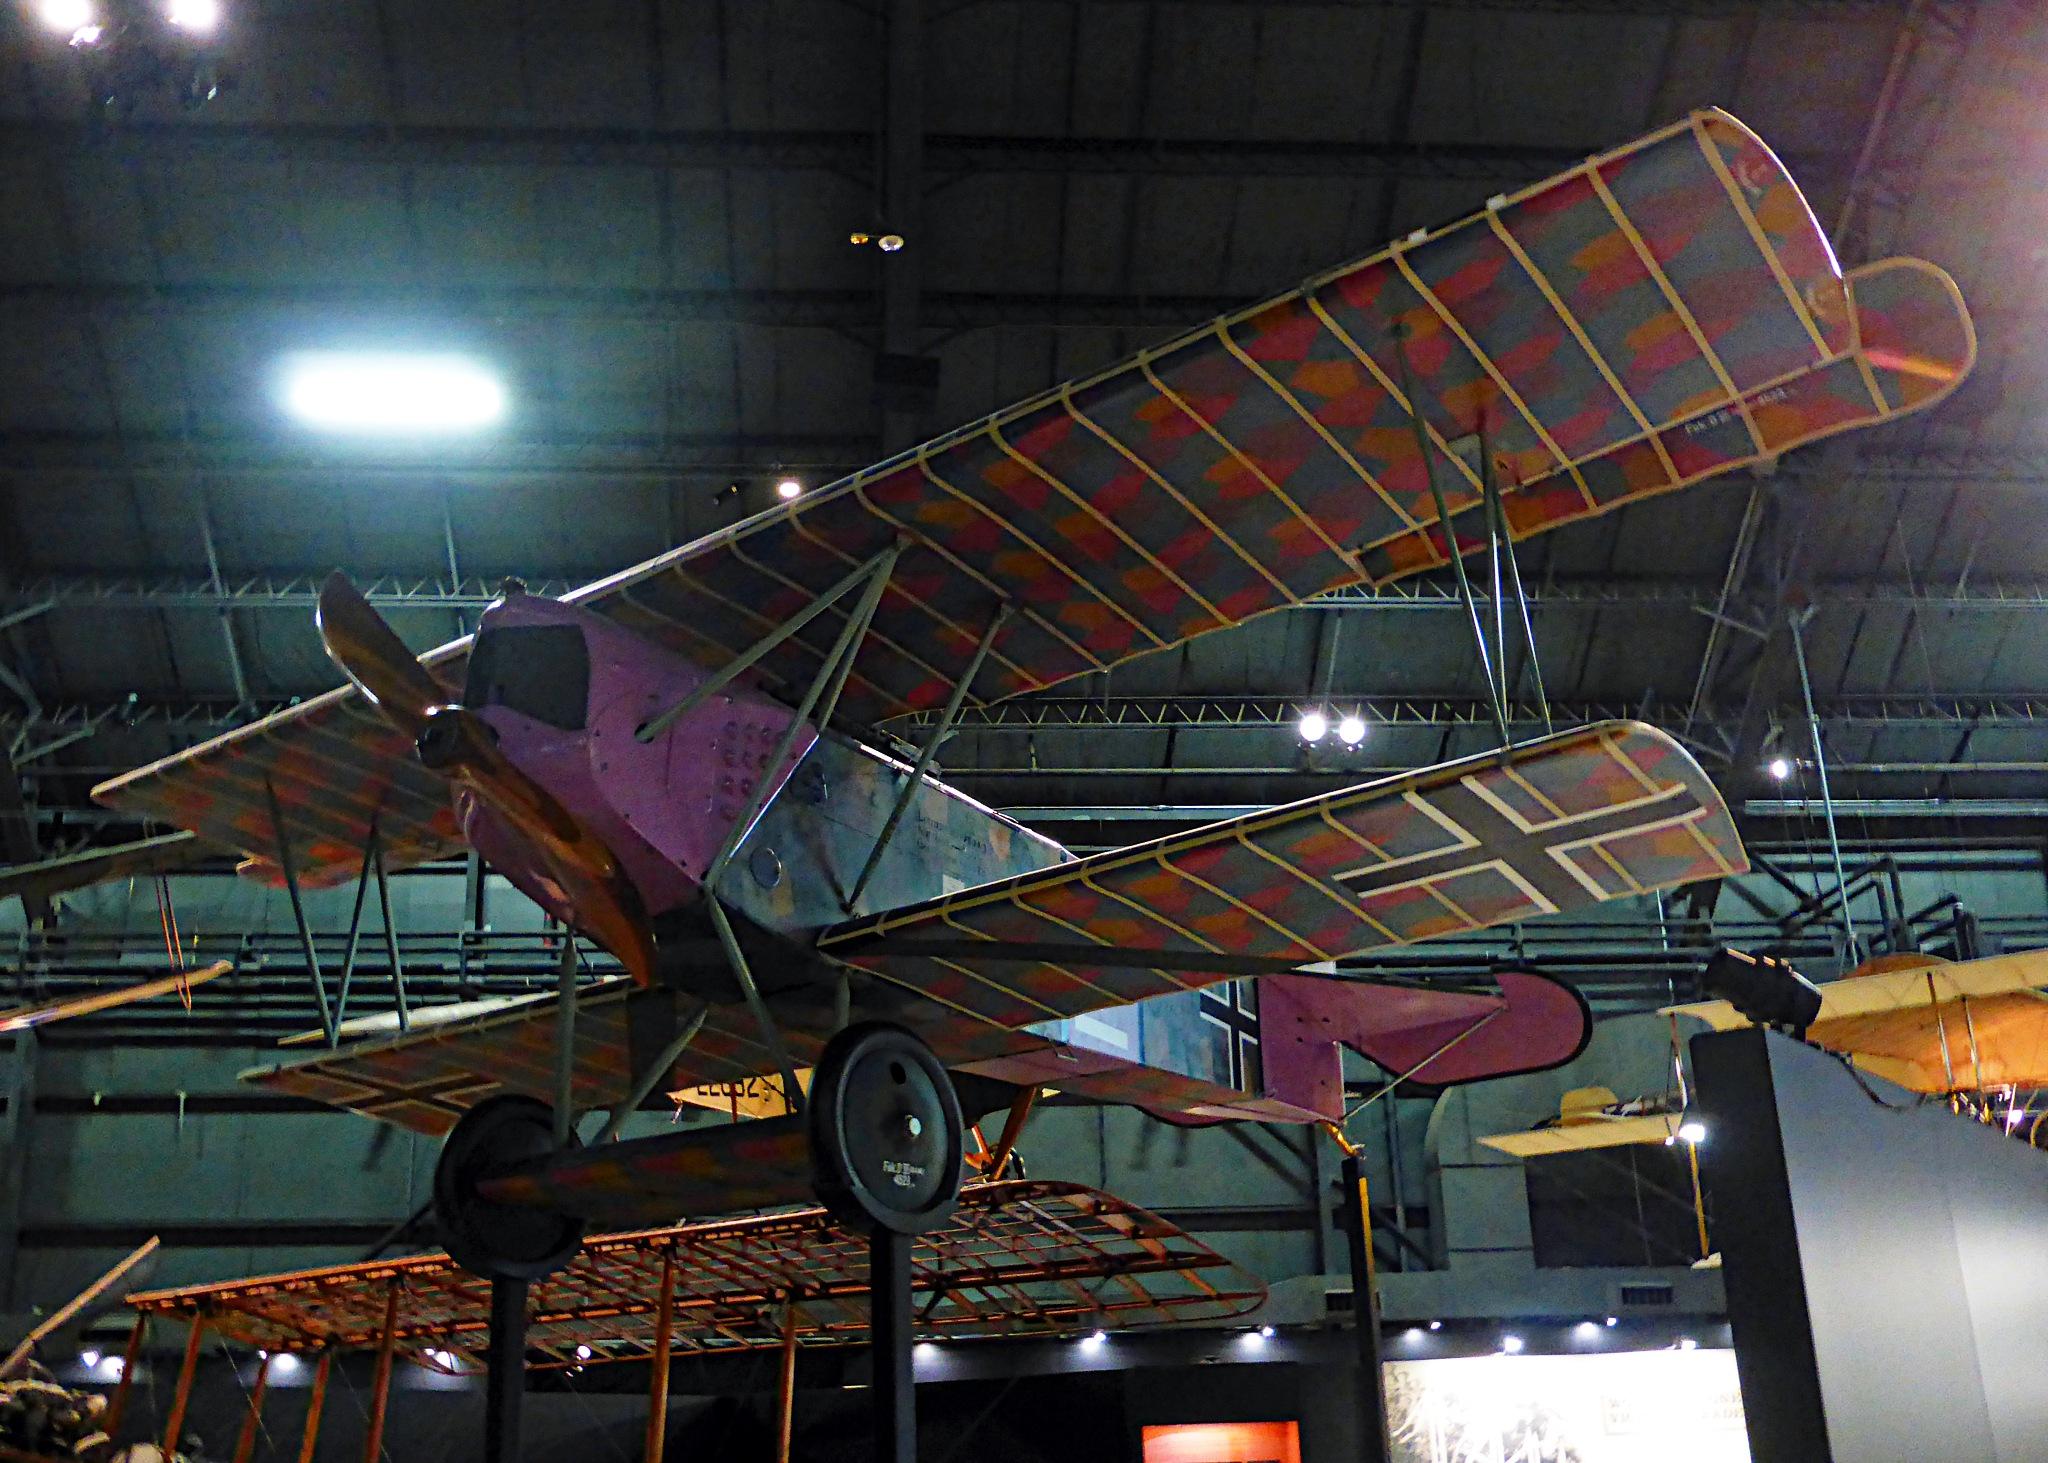 Fokker D.VII by homicidal45